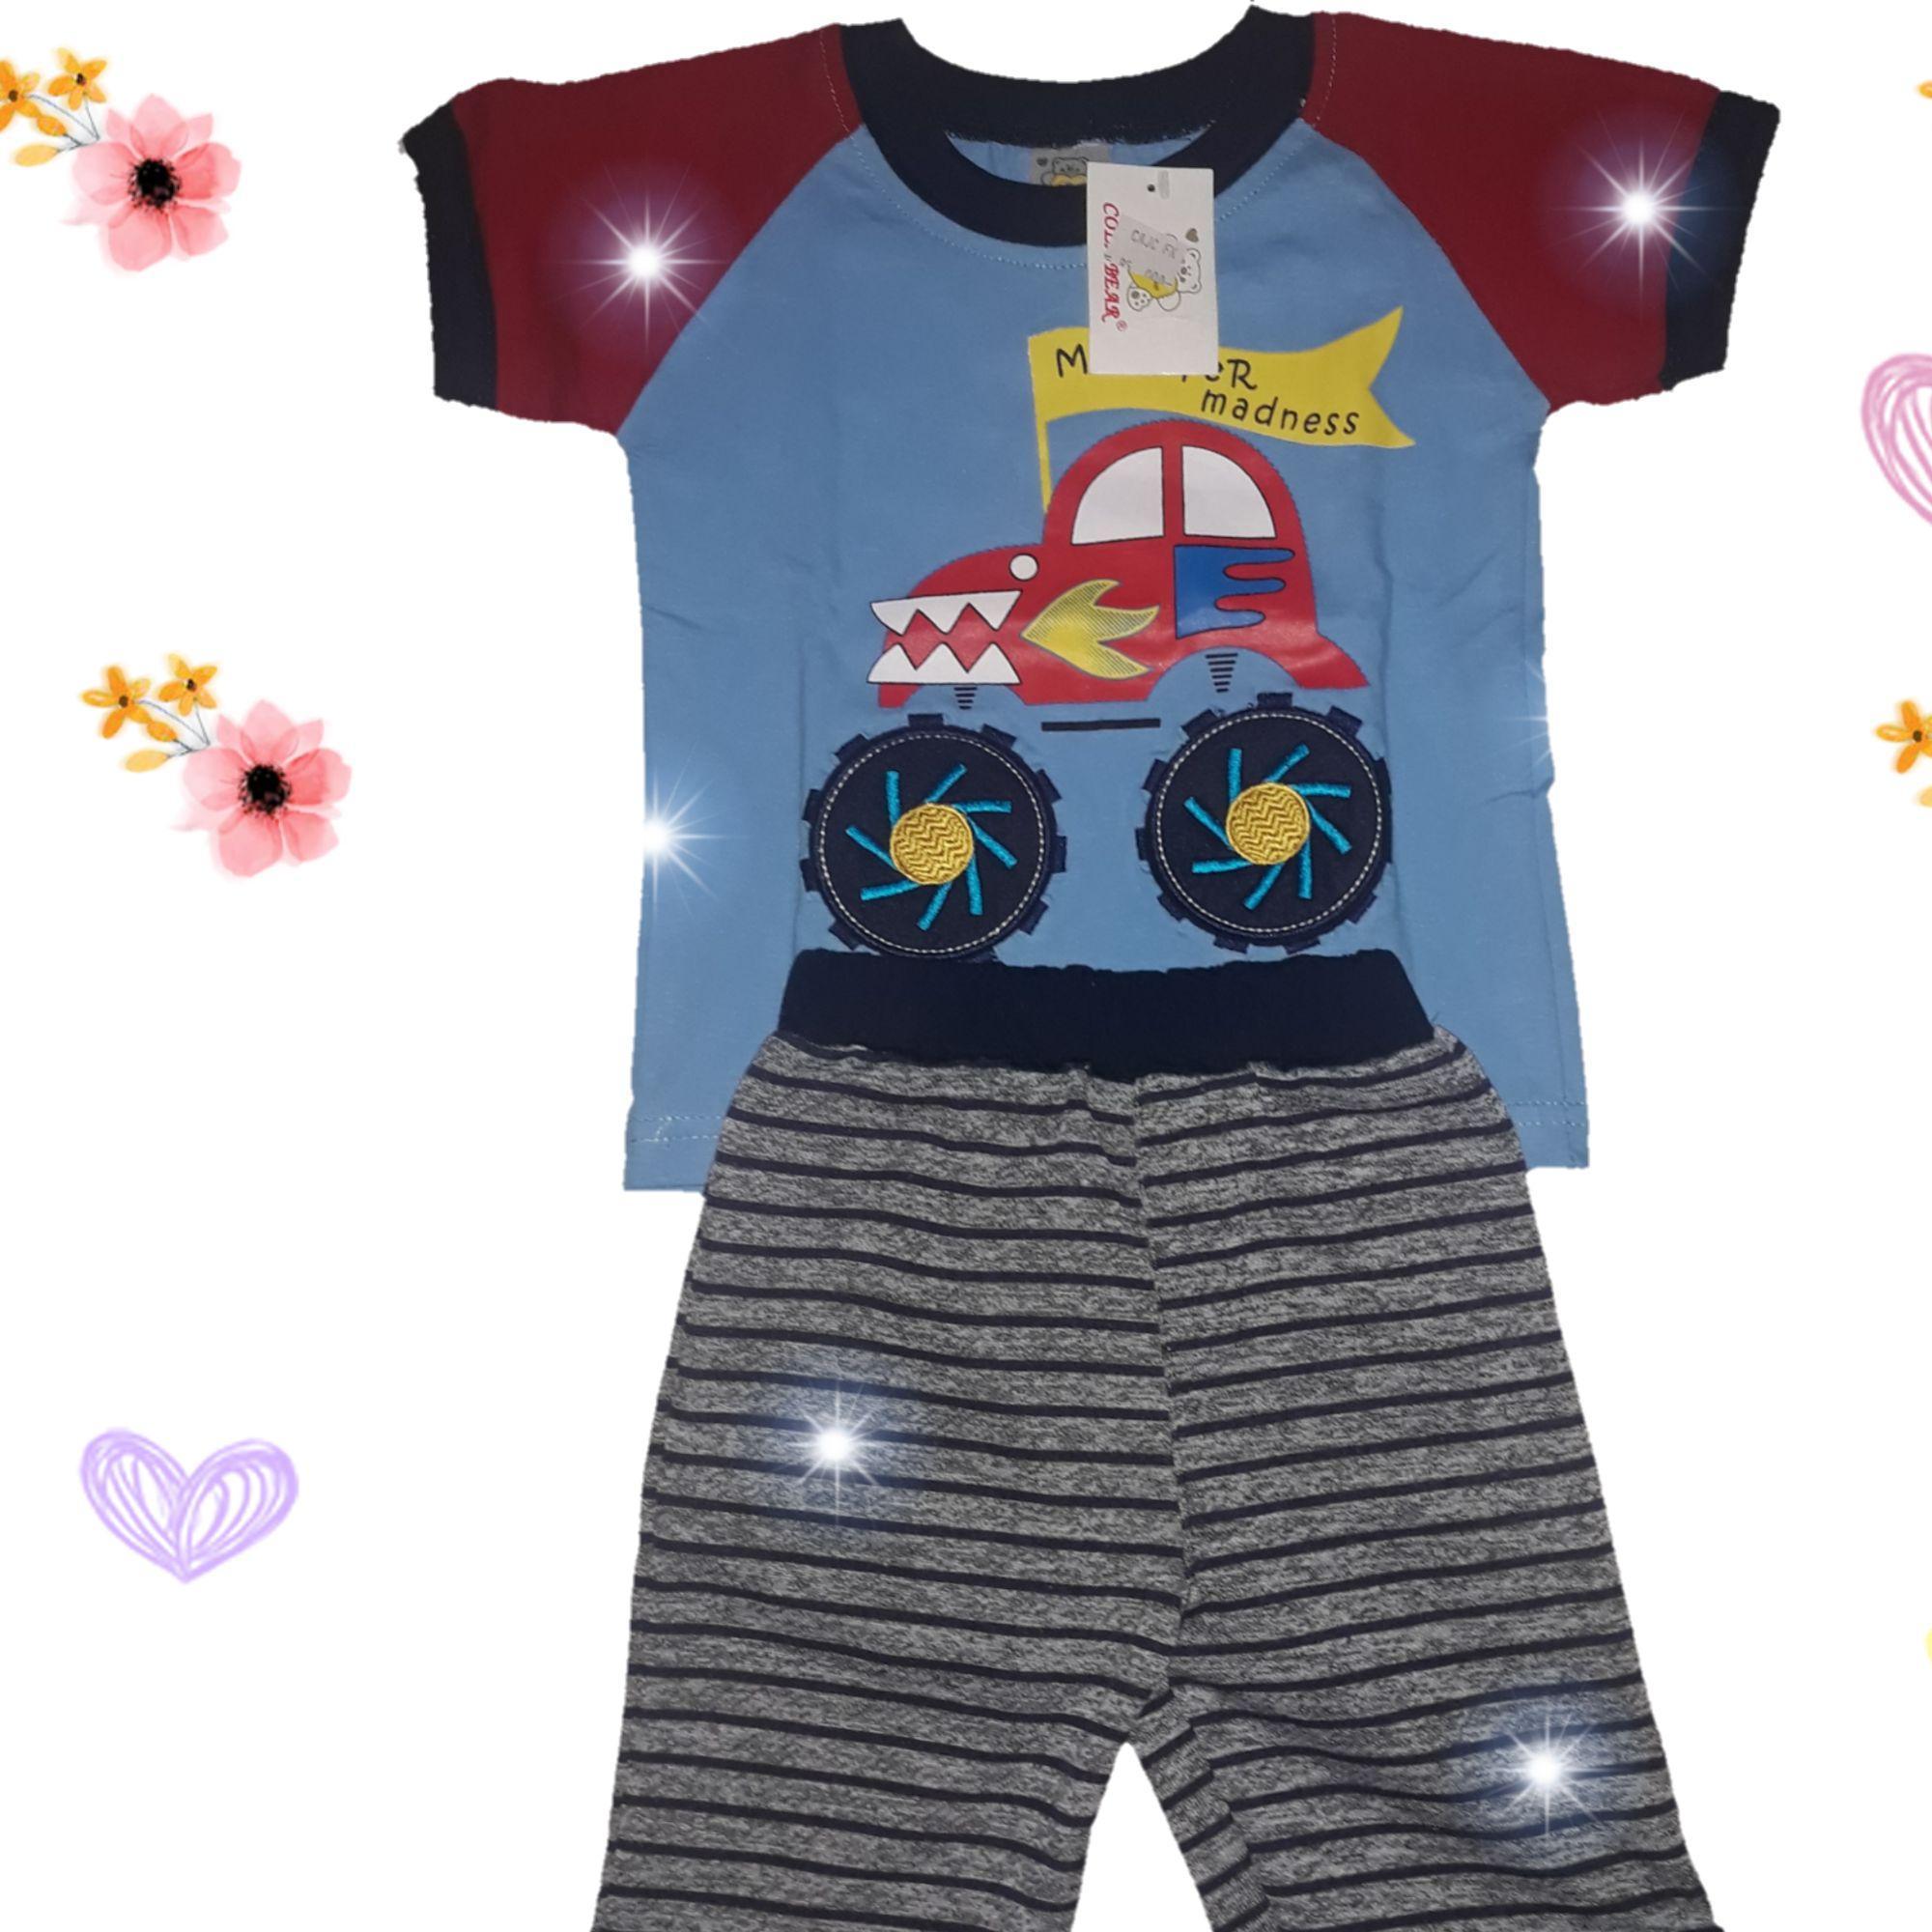 Baju Setelan Anak Laki Laki Umur 1 Tahun - Kumpulan Model ...